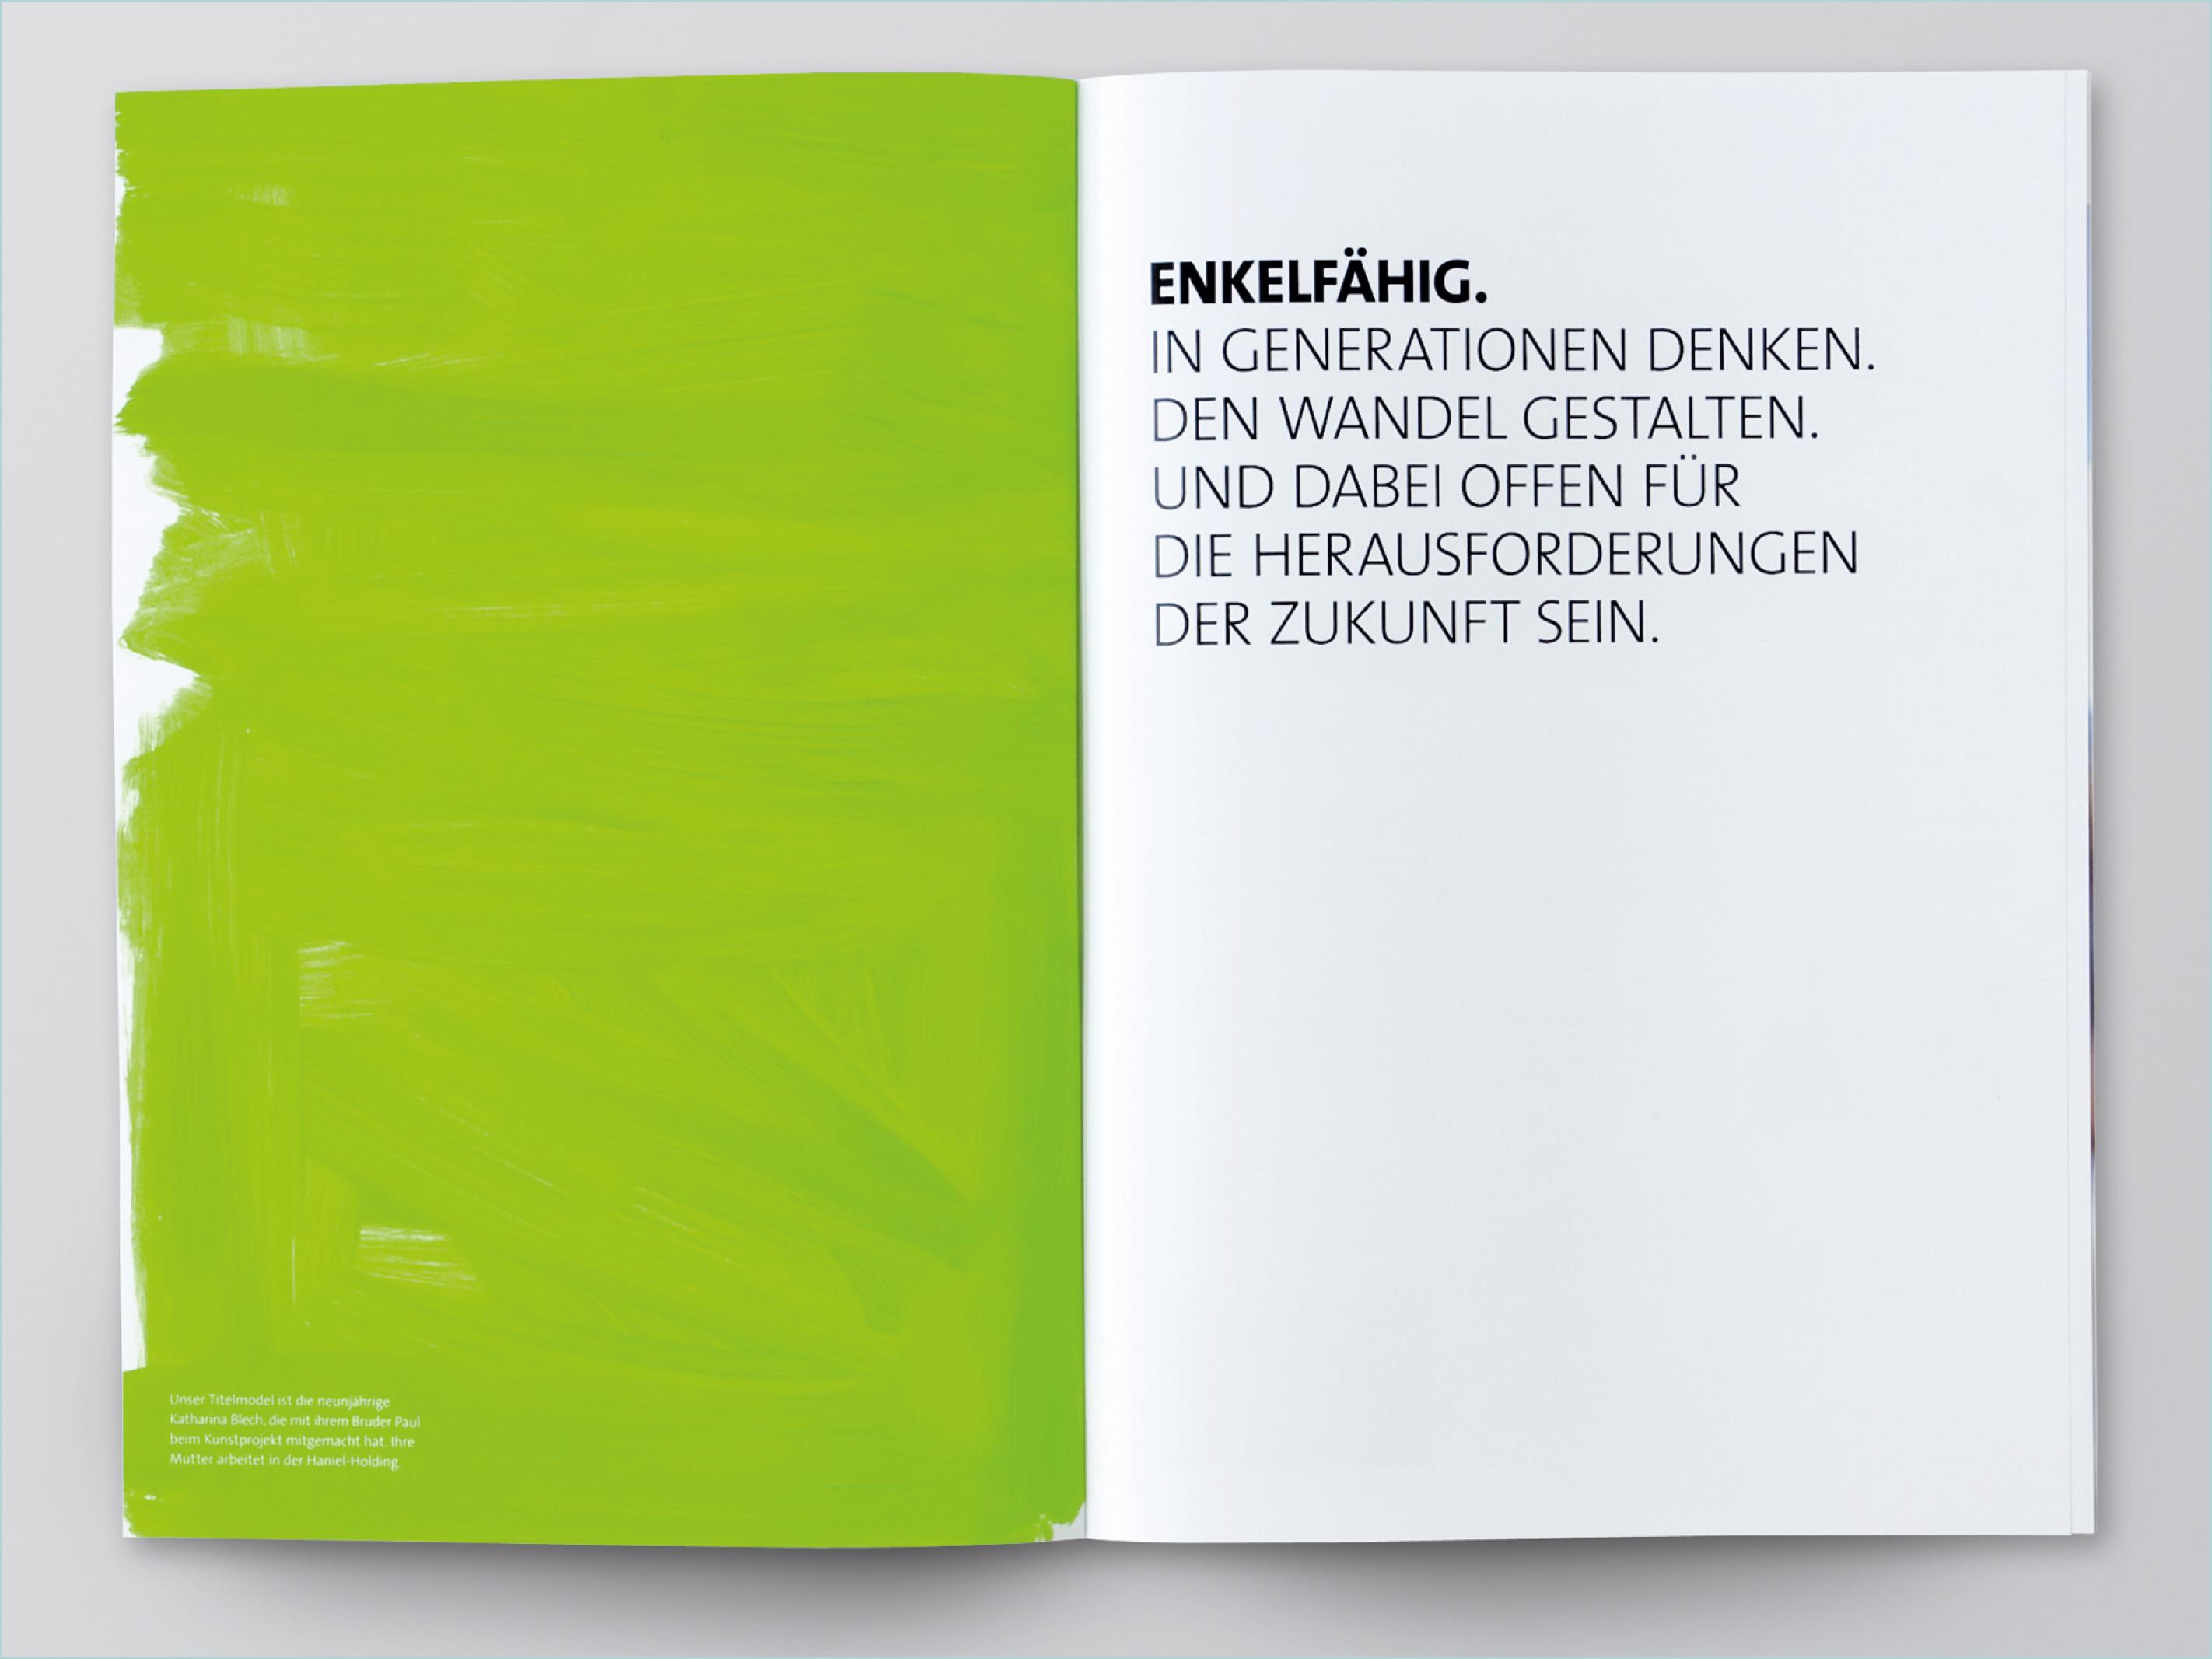 Haniel – Annual Report – Poarangan Brand Design4